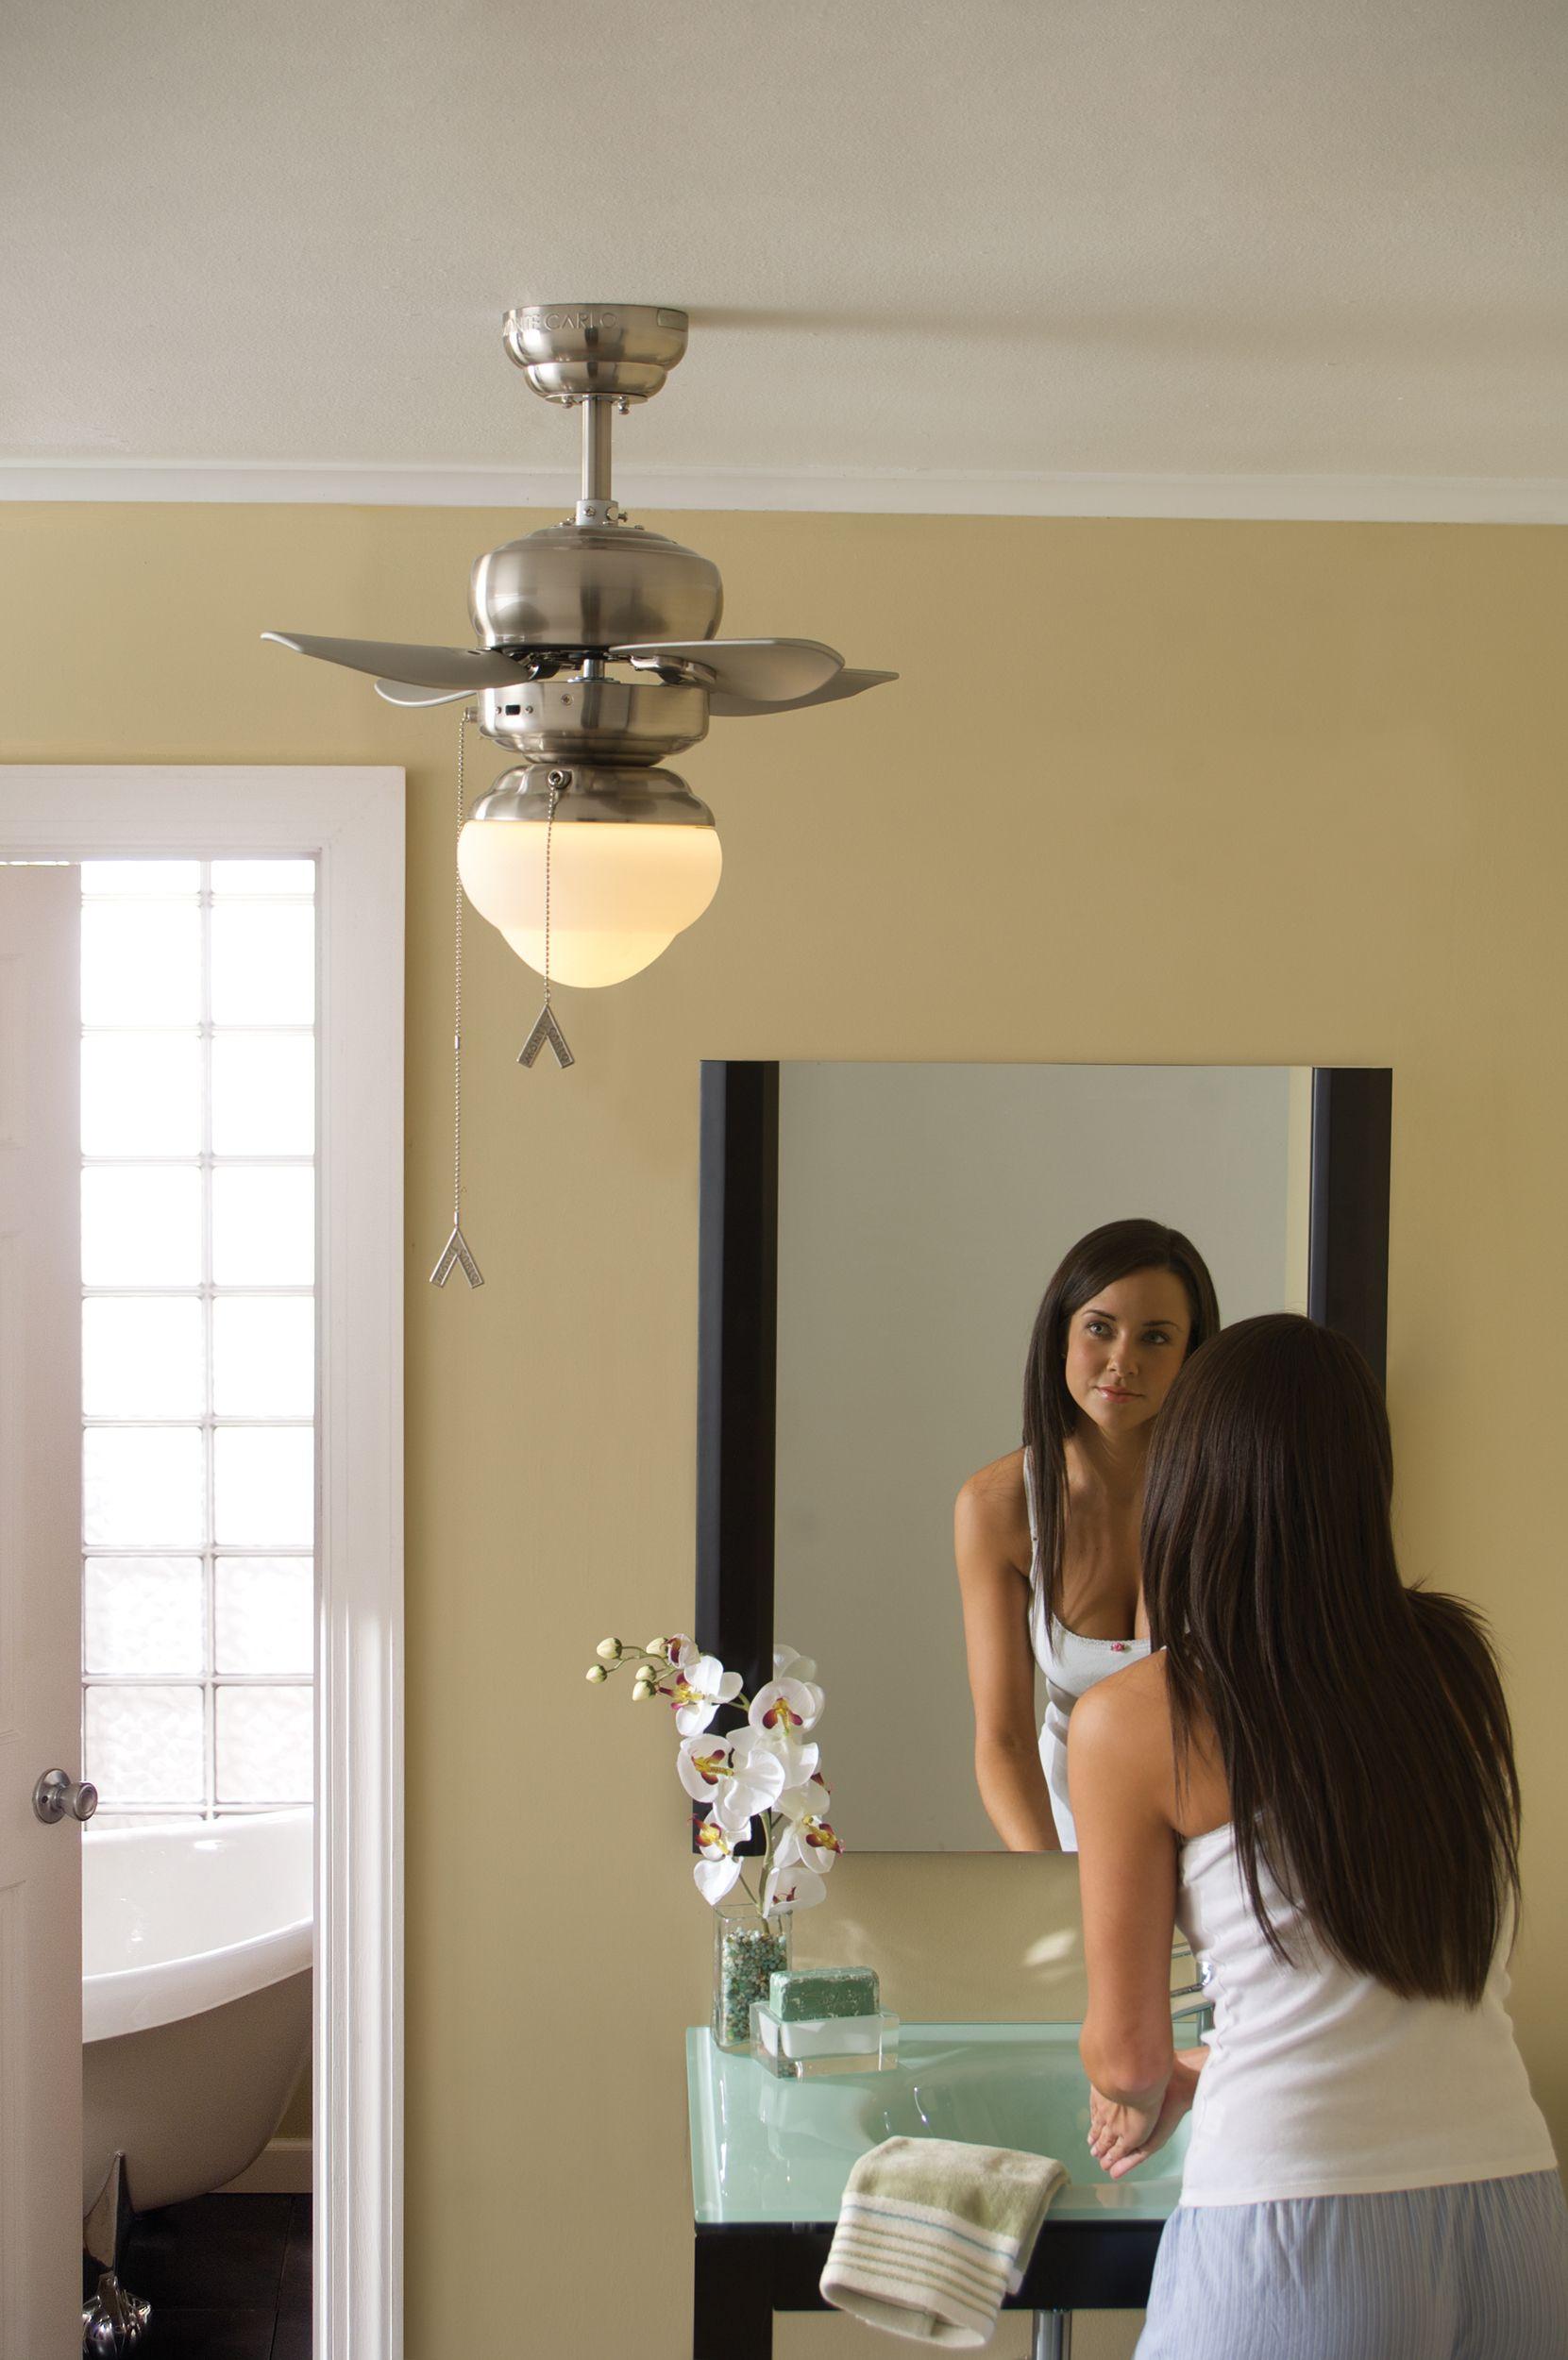 Mini 20 Collection By Monte Carlo 20 Mini 20 Fan Fan Lighting